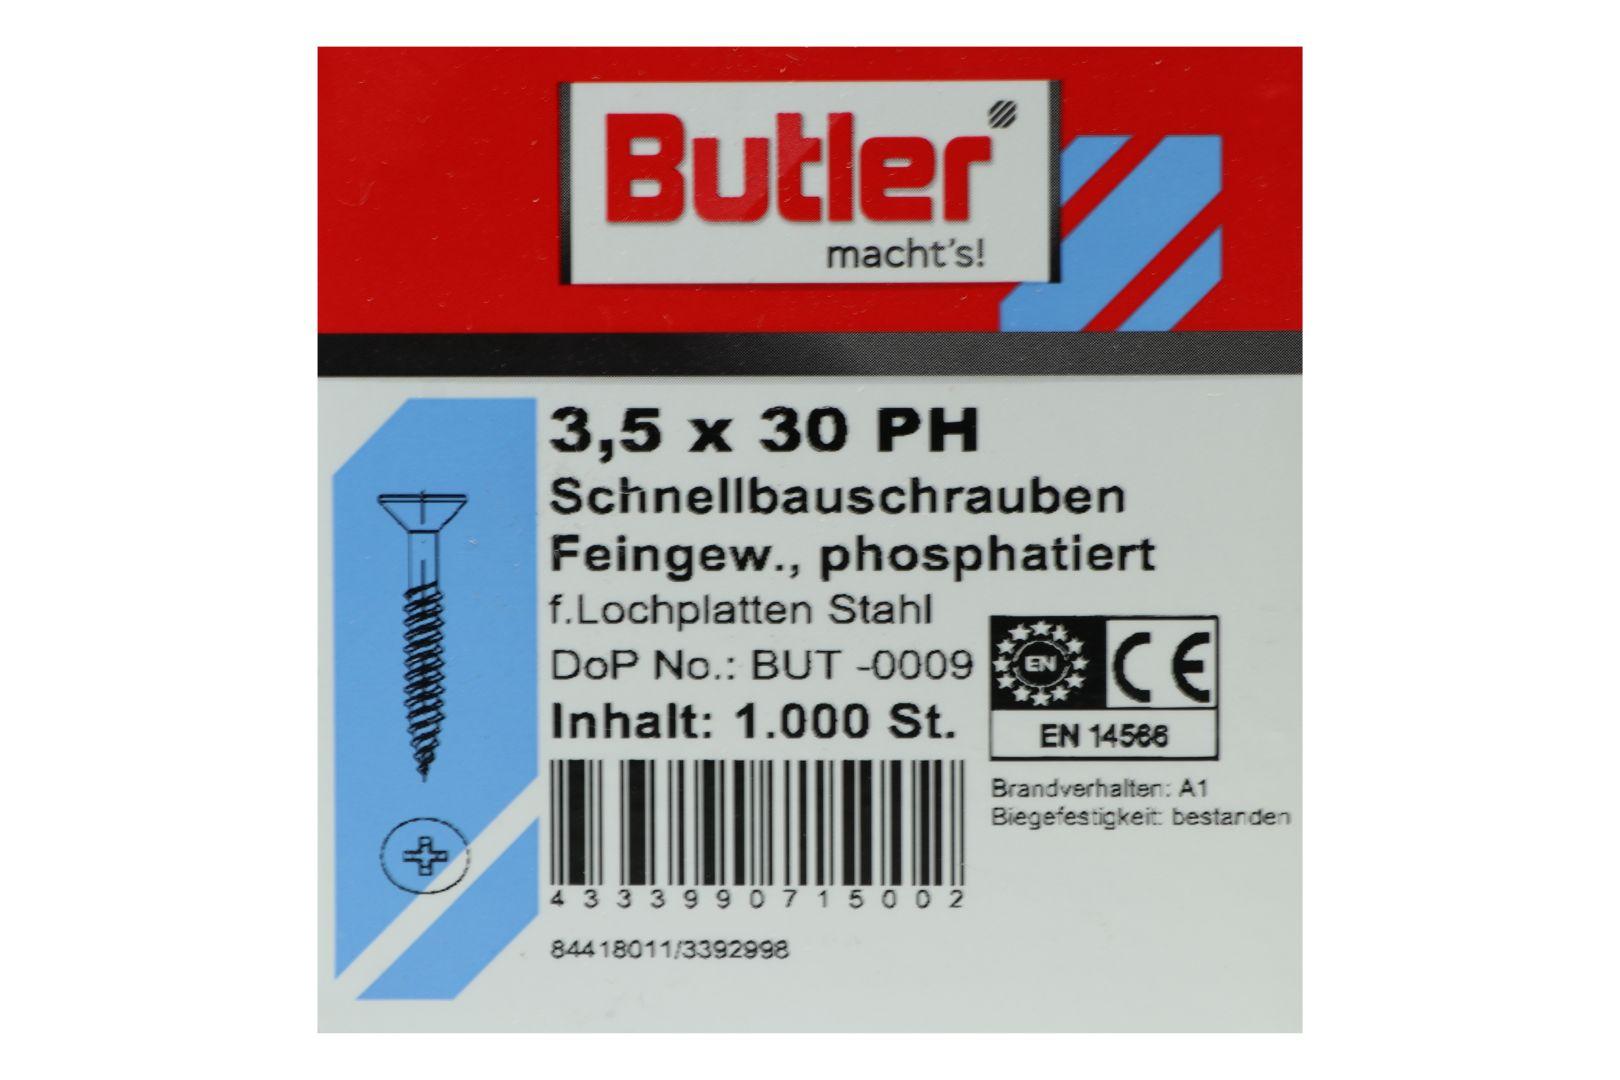 Butler macht's! Schnellbauschraube, Stahl, Feingewinde, phosphatiert, 3,5 x 30 mm, 1.000 Stück